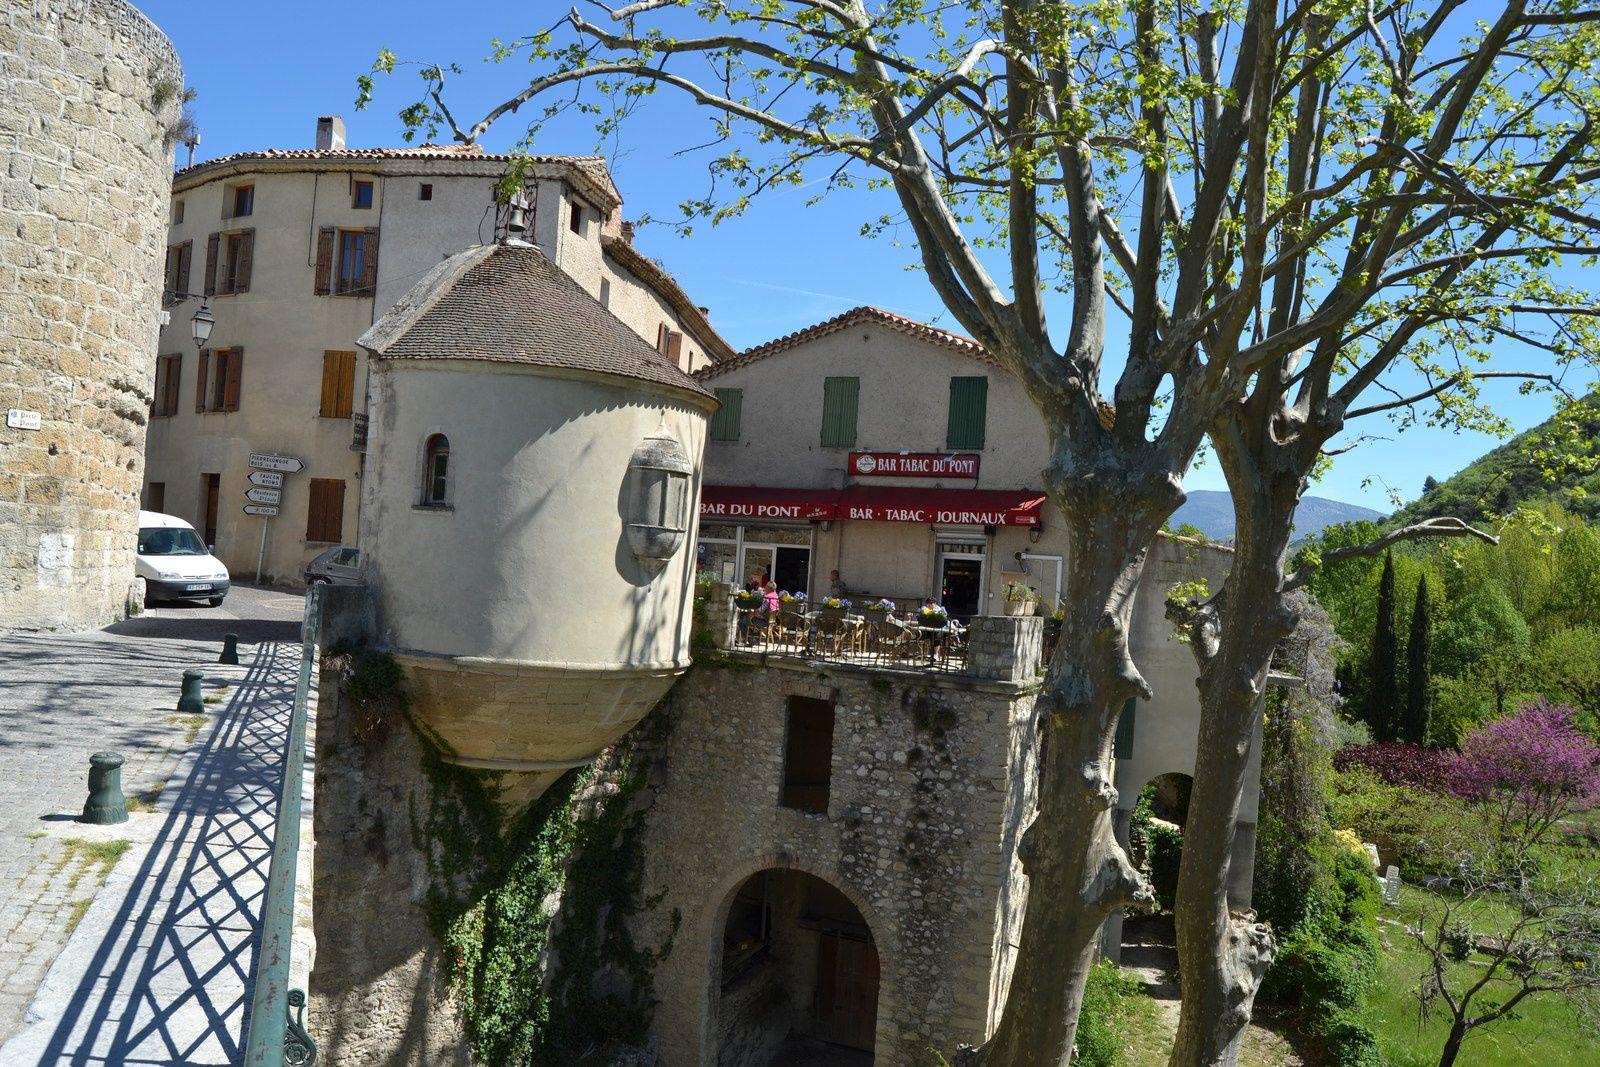 Sur ce dernier prendra place une piéta en bois, sculptée par un artiste nommé Pons et originaire de Saint-Chamas en Provence.